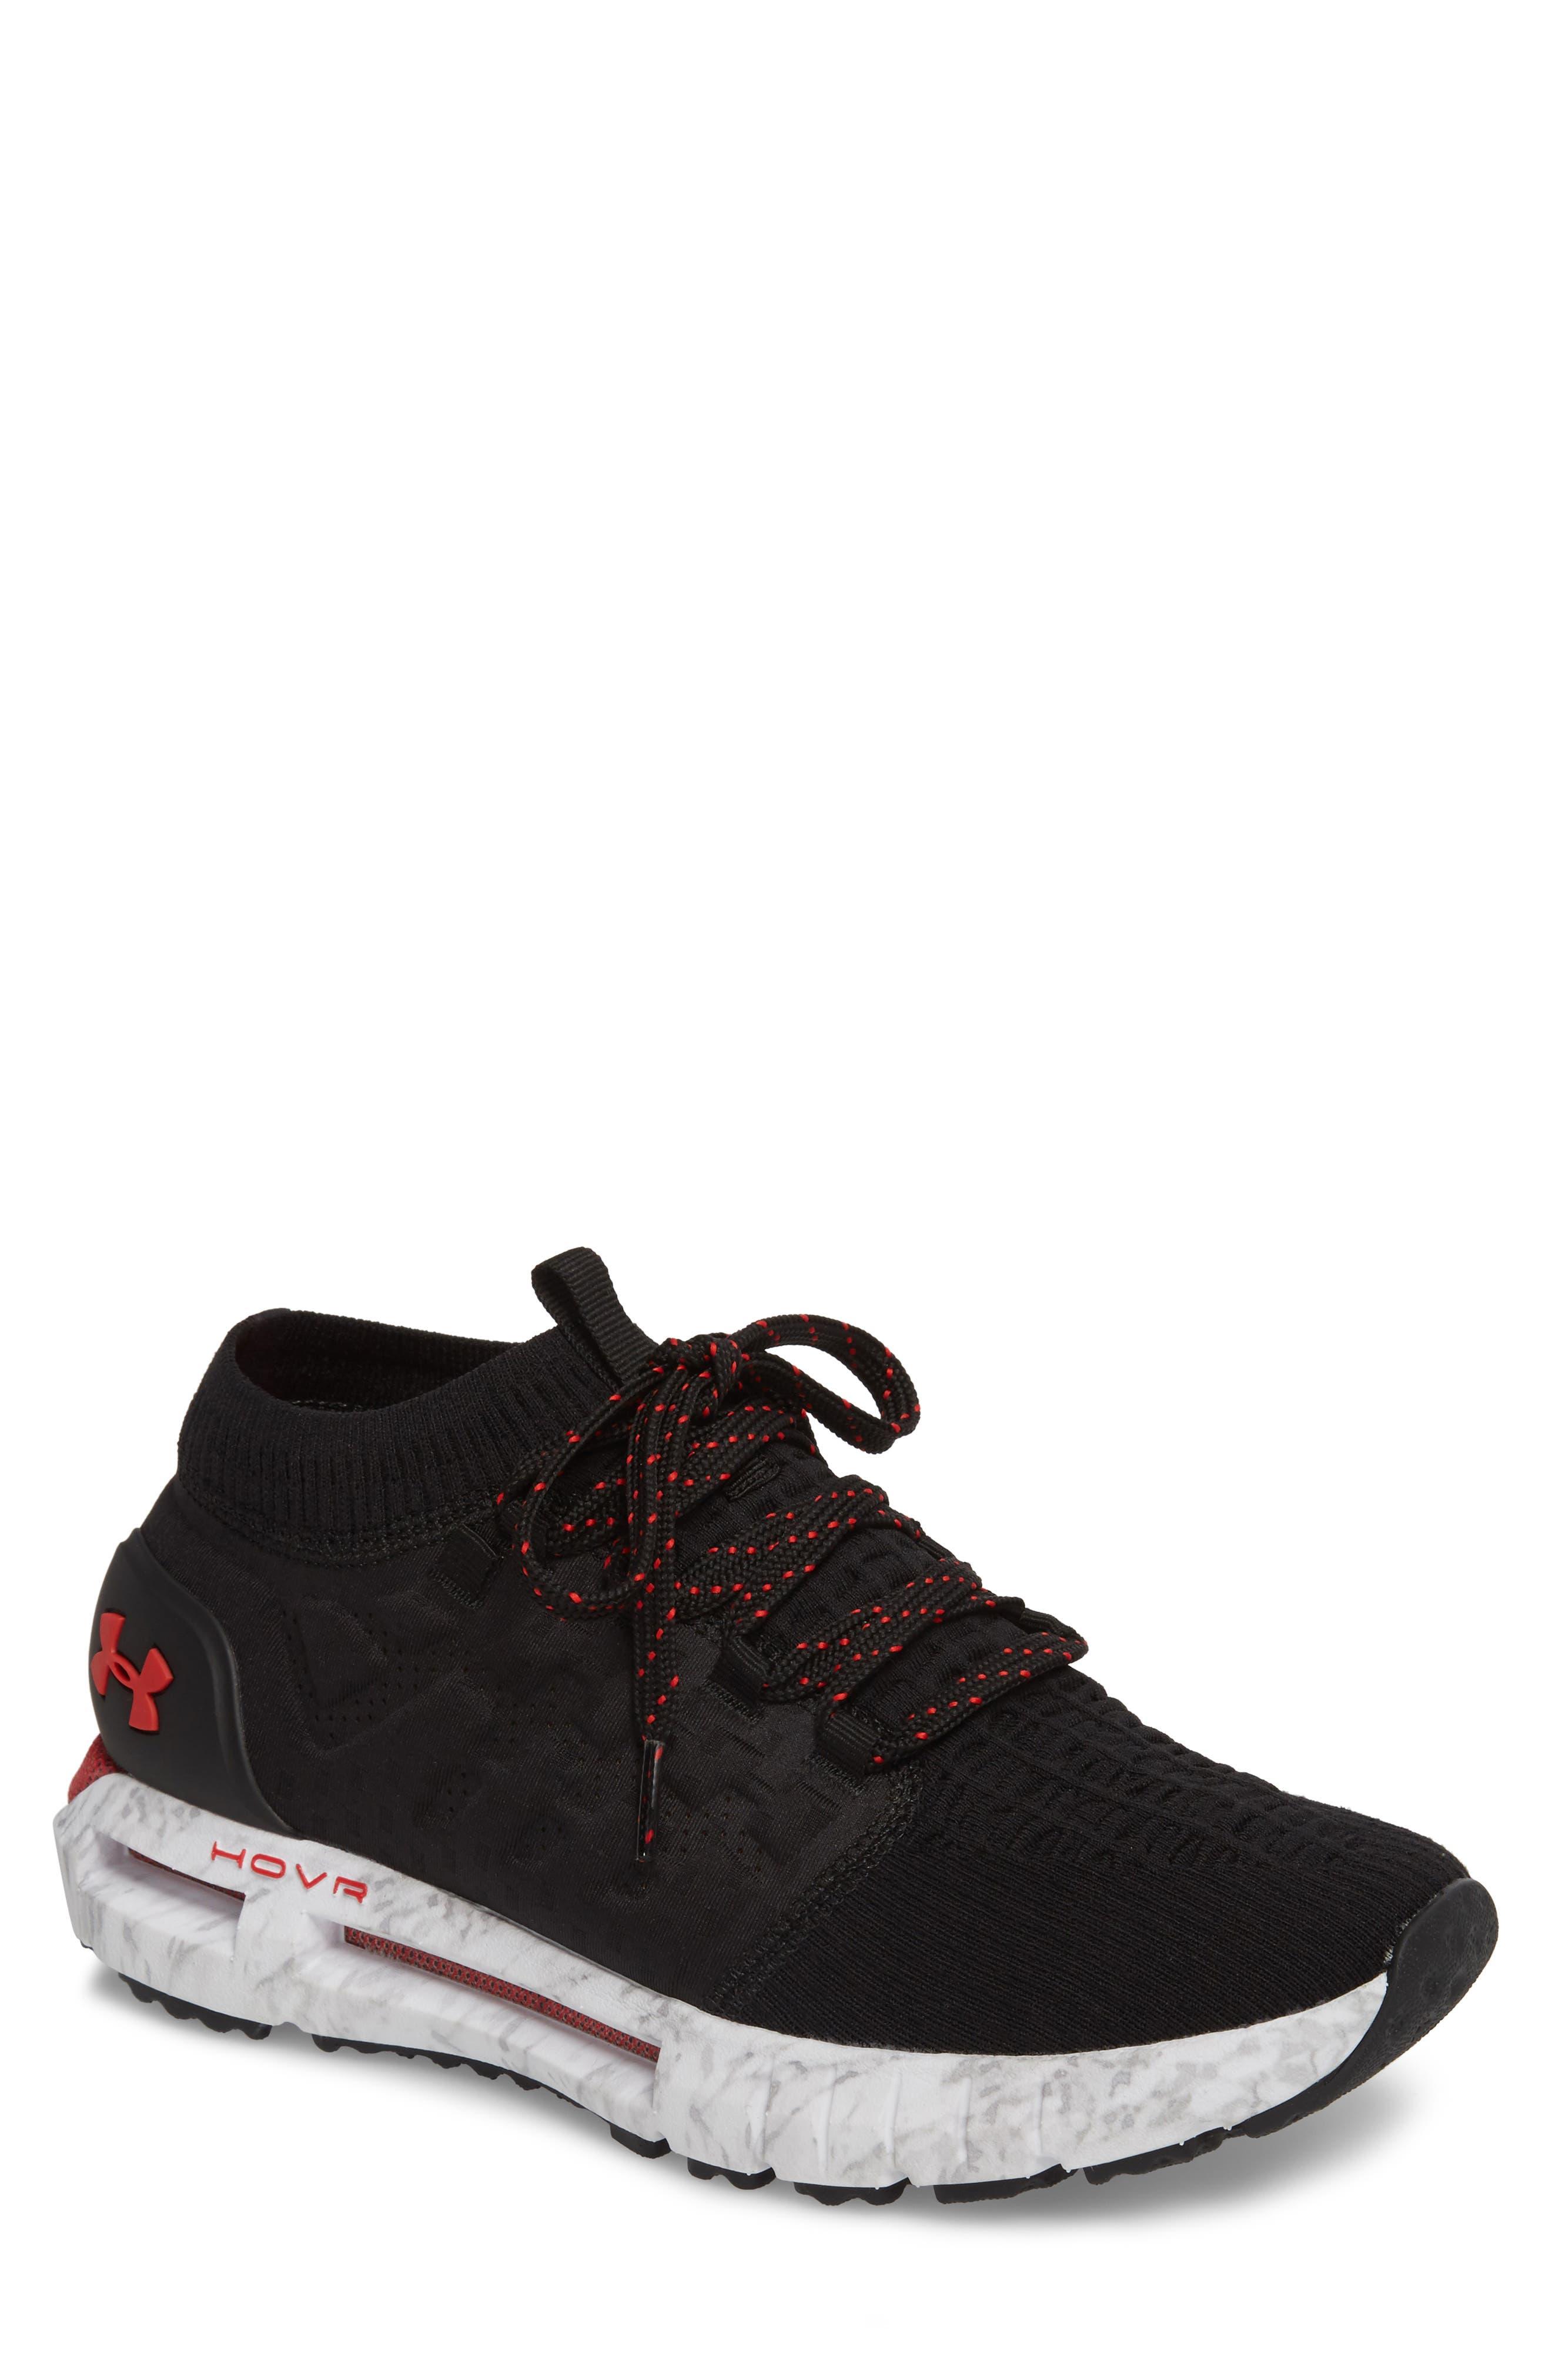 HOVR Phantom NC Sneaker,                             Main thumbnail 1, color,                             BLACK/ WHITE/ RED